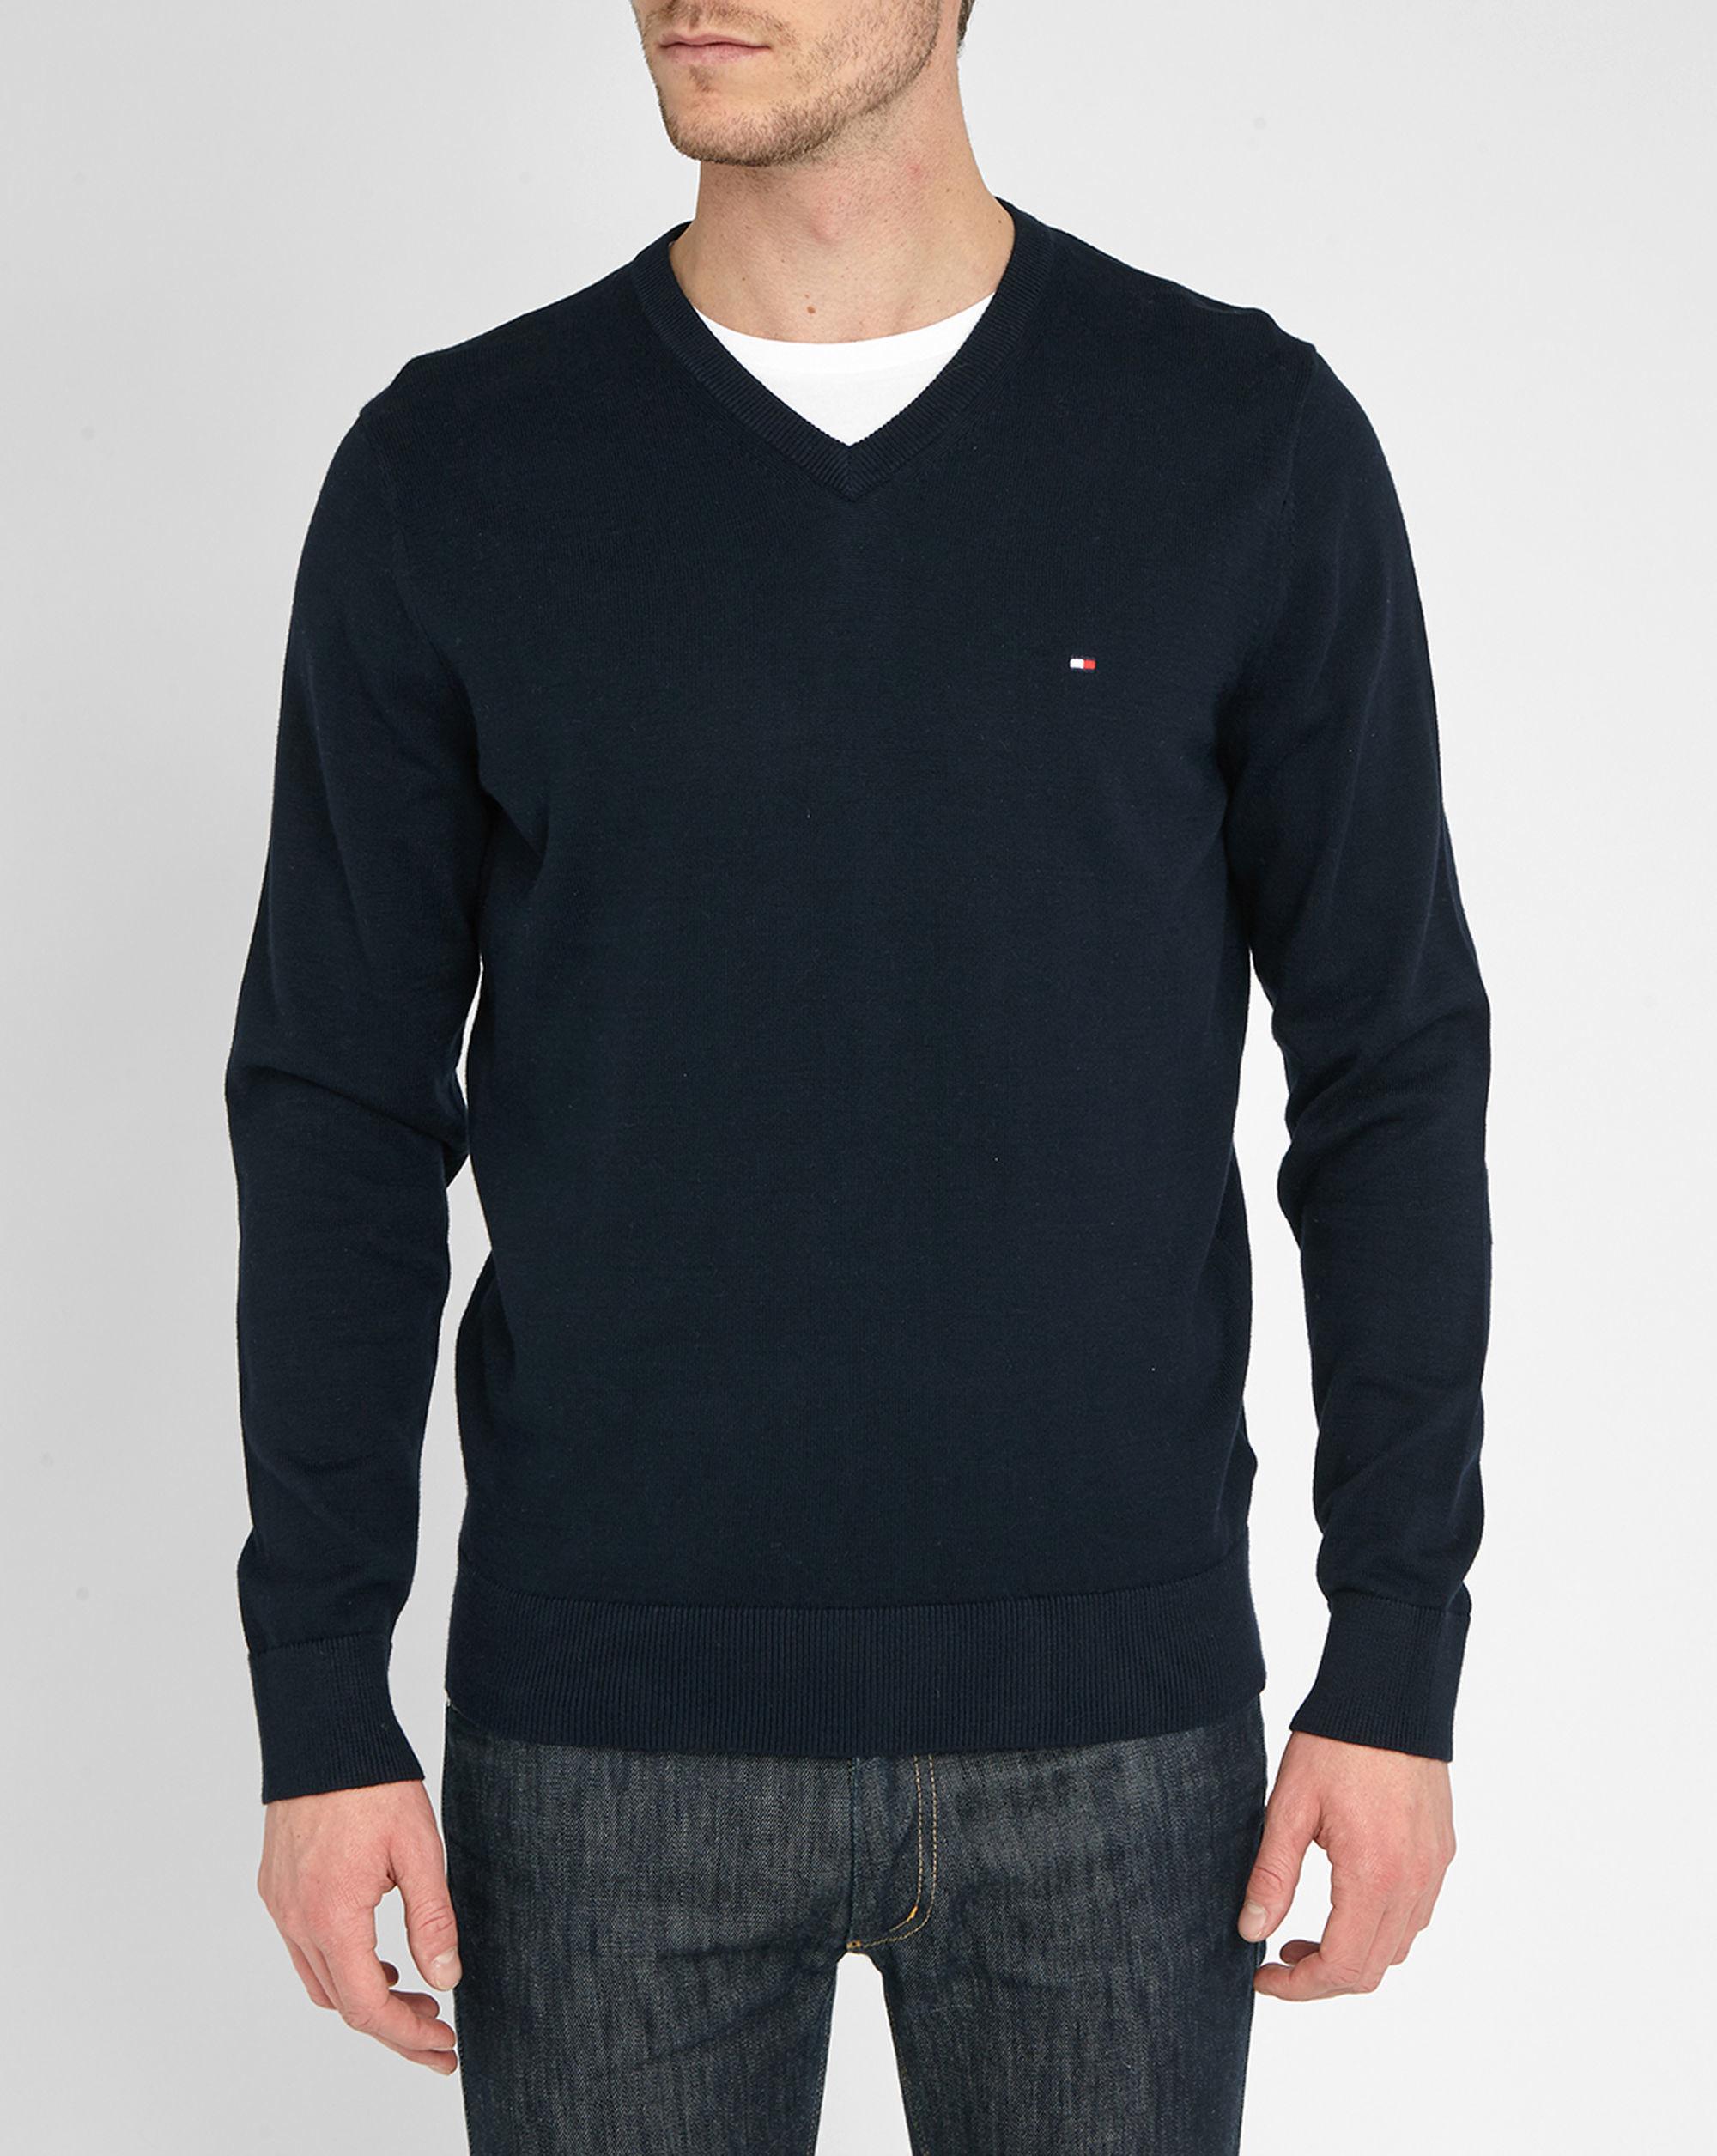 tommy hilfiger v neck sweater gray cardigan sweater. Black Bedroom Furniture Sets. Home Design Ideas